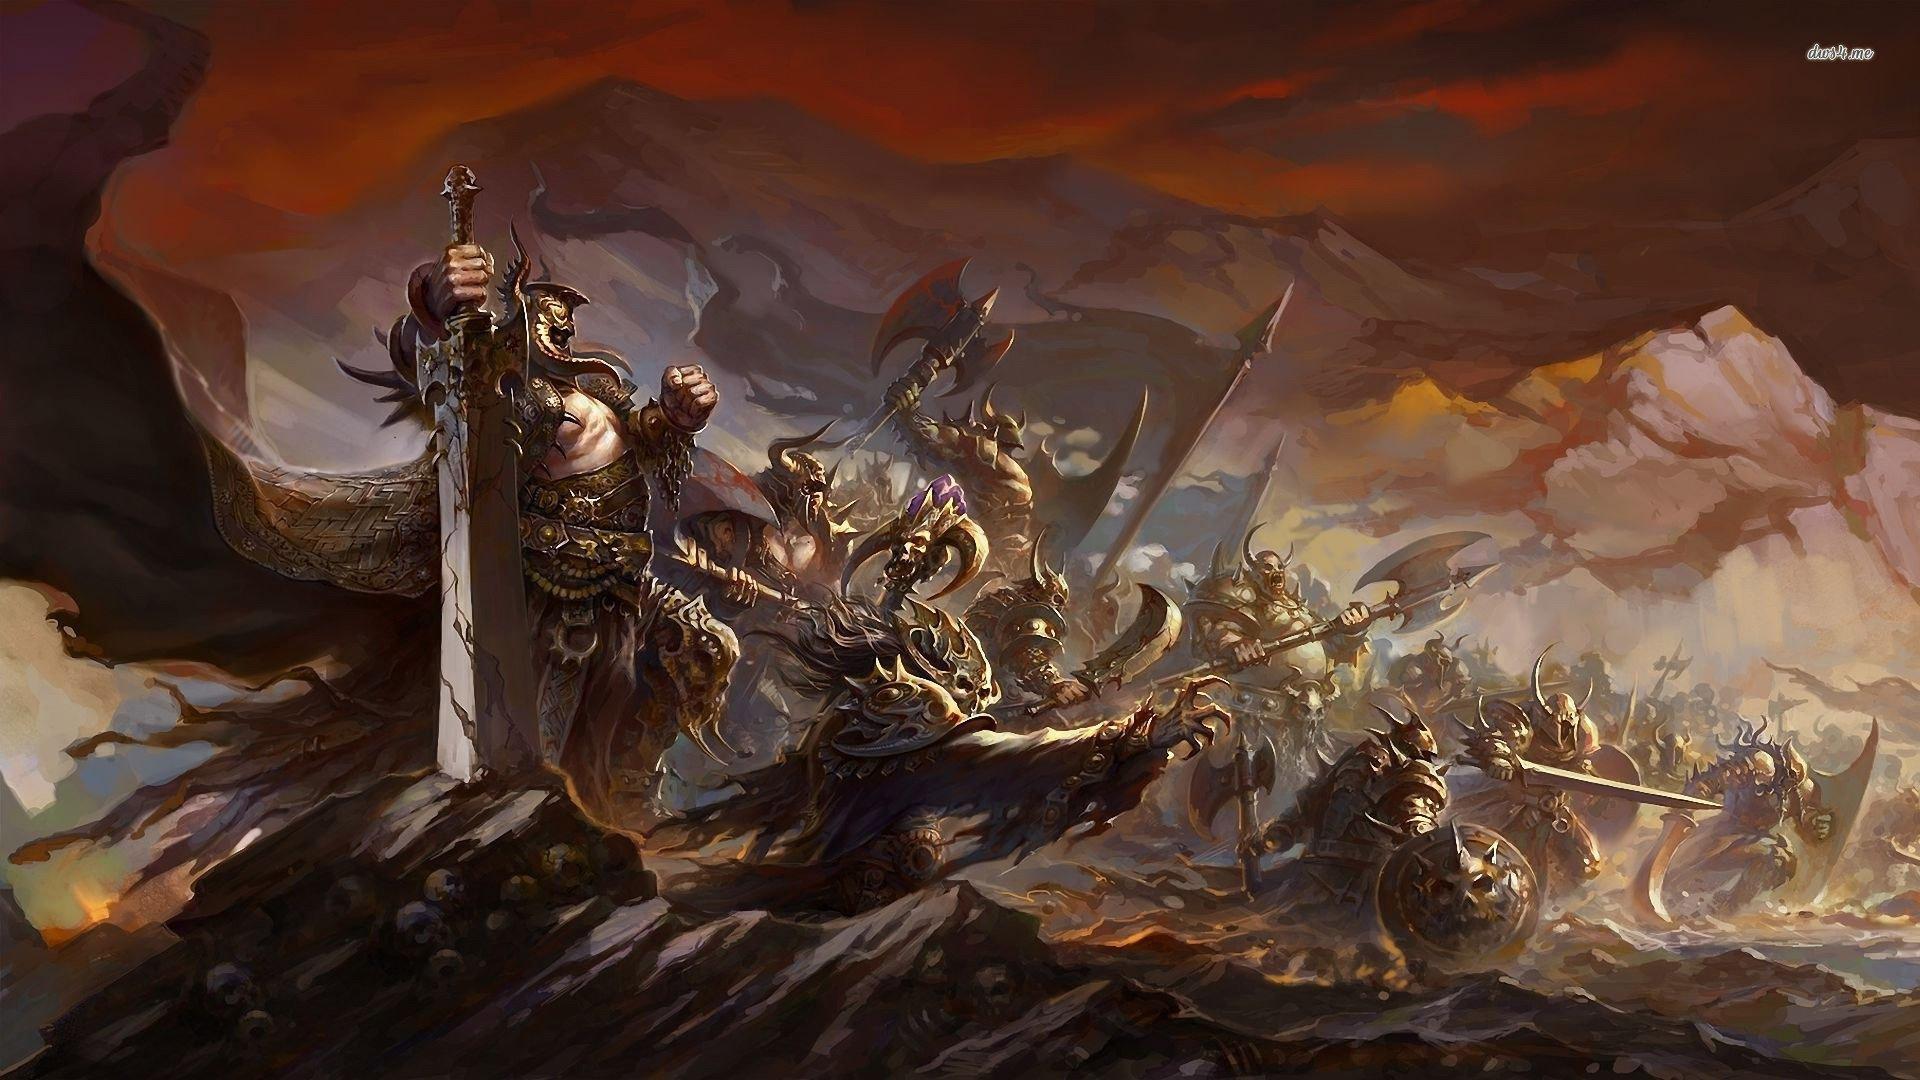 warhammer horus heresy hd wallpaper - photo #4